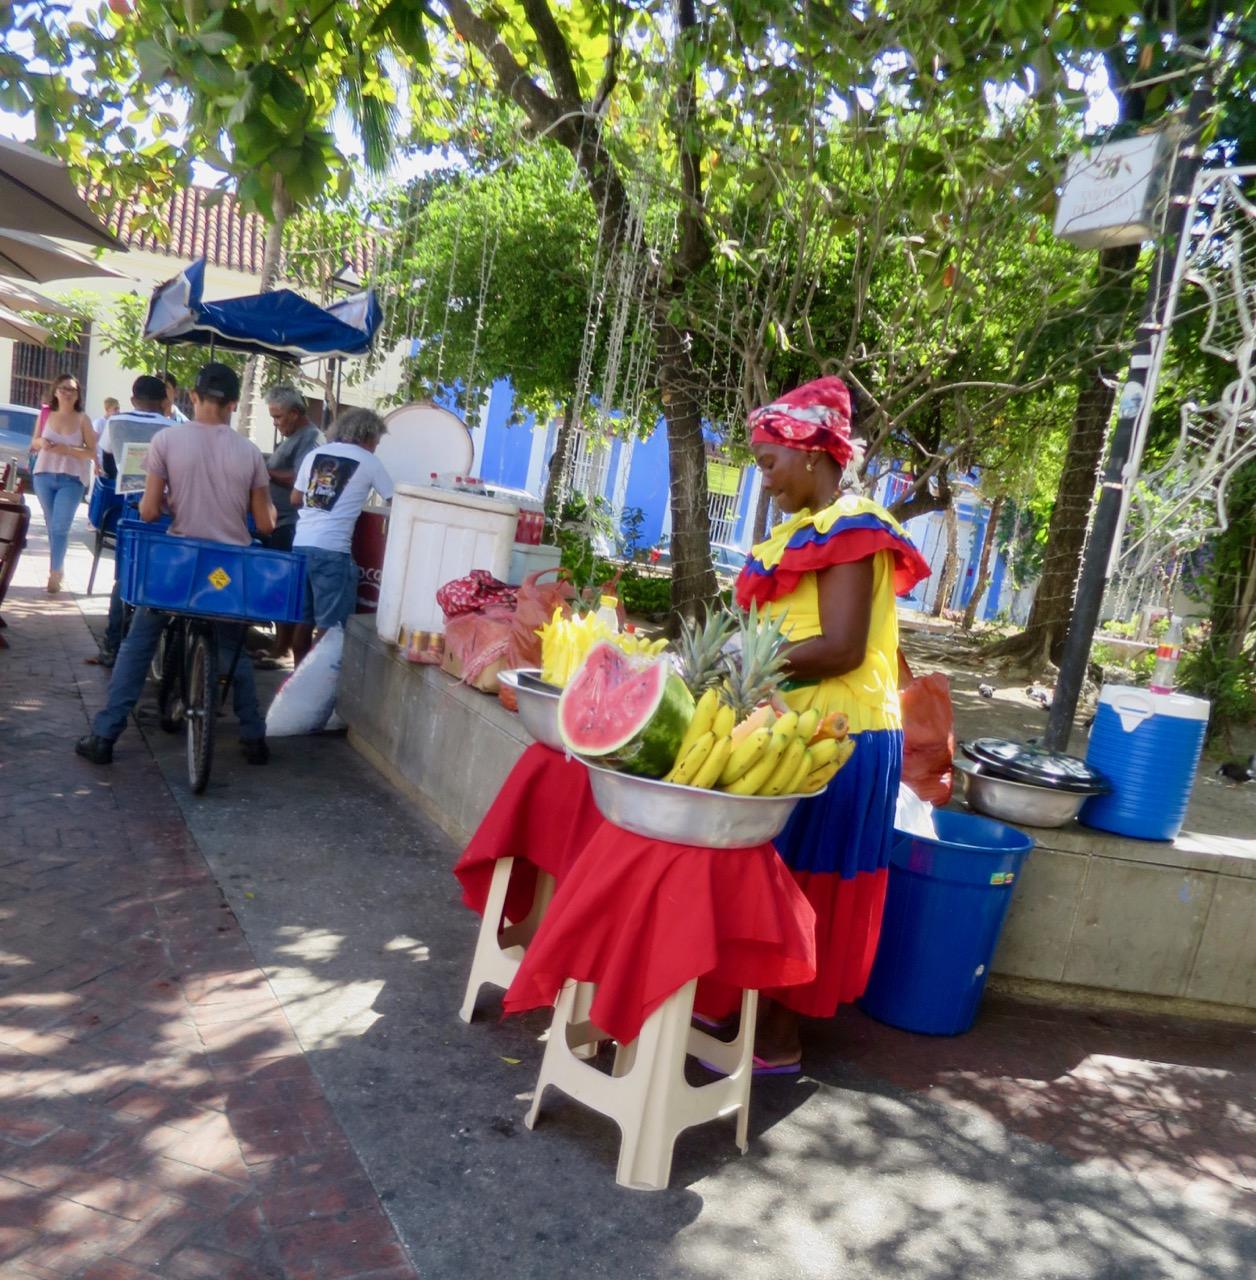 Cartagena 1 23